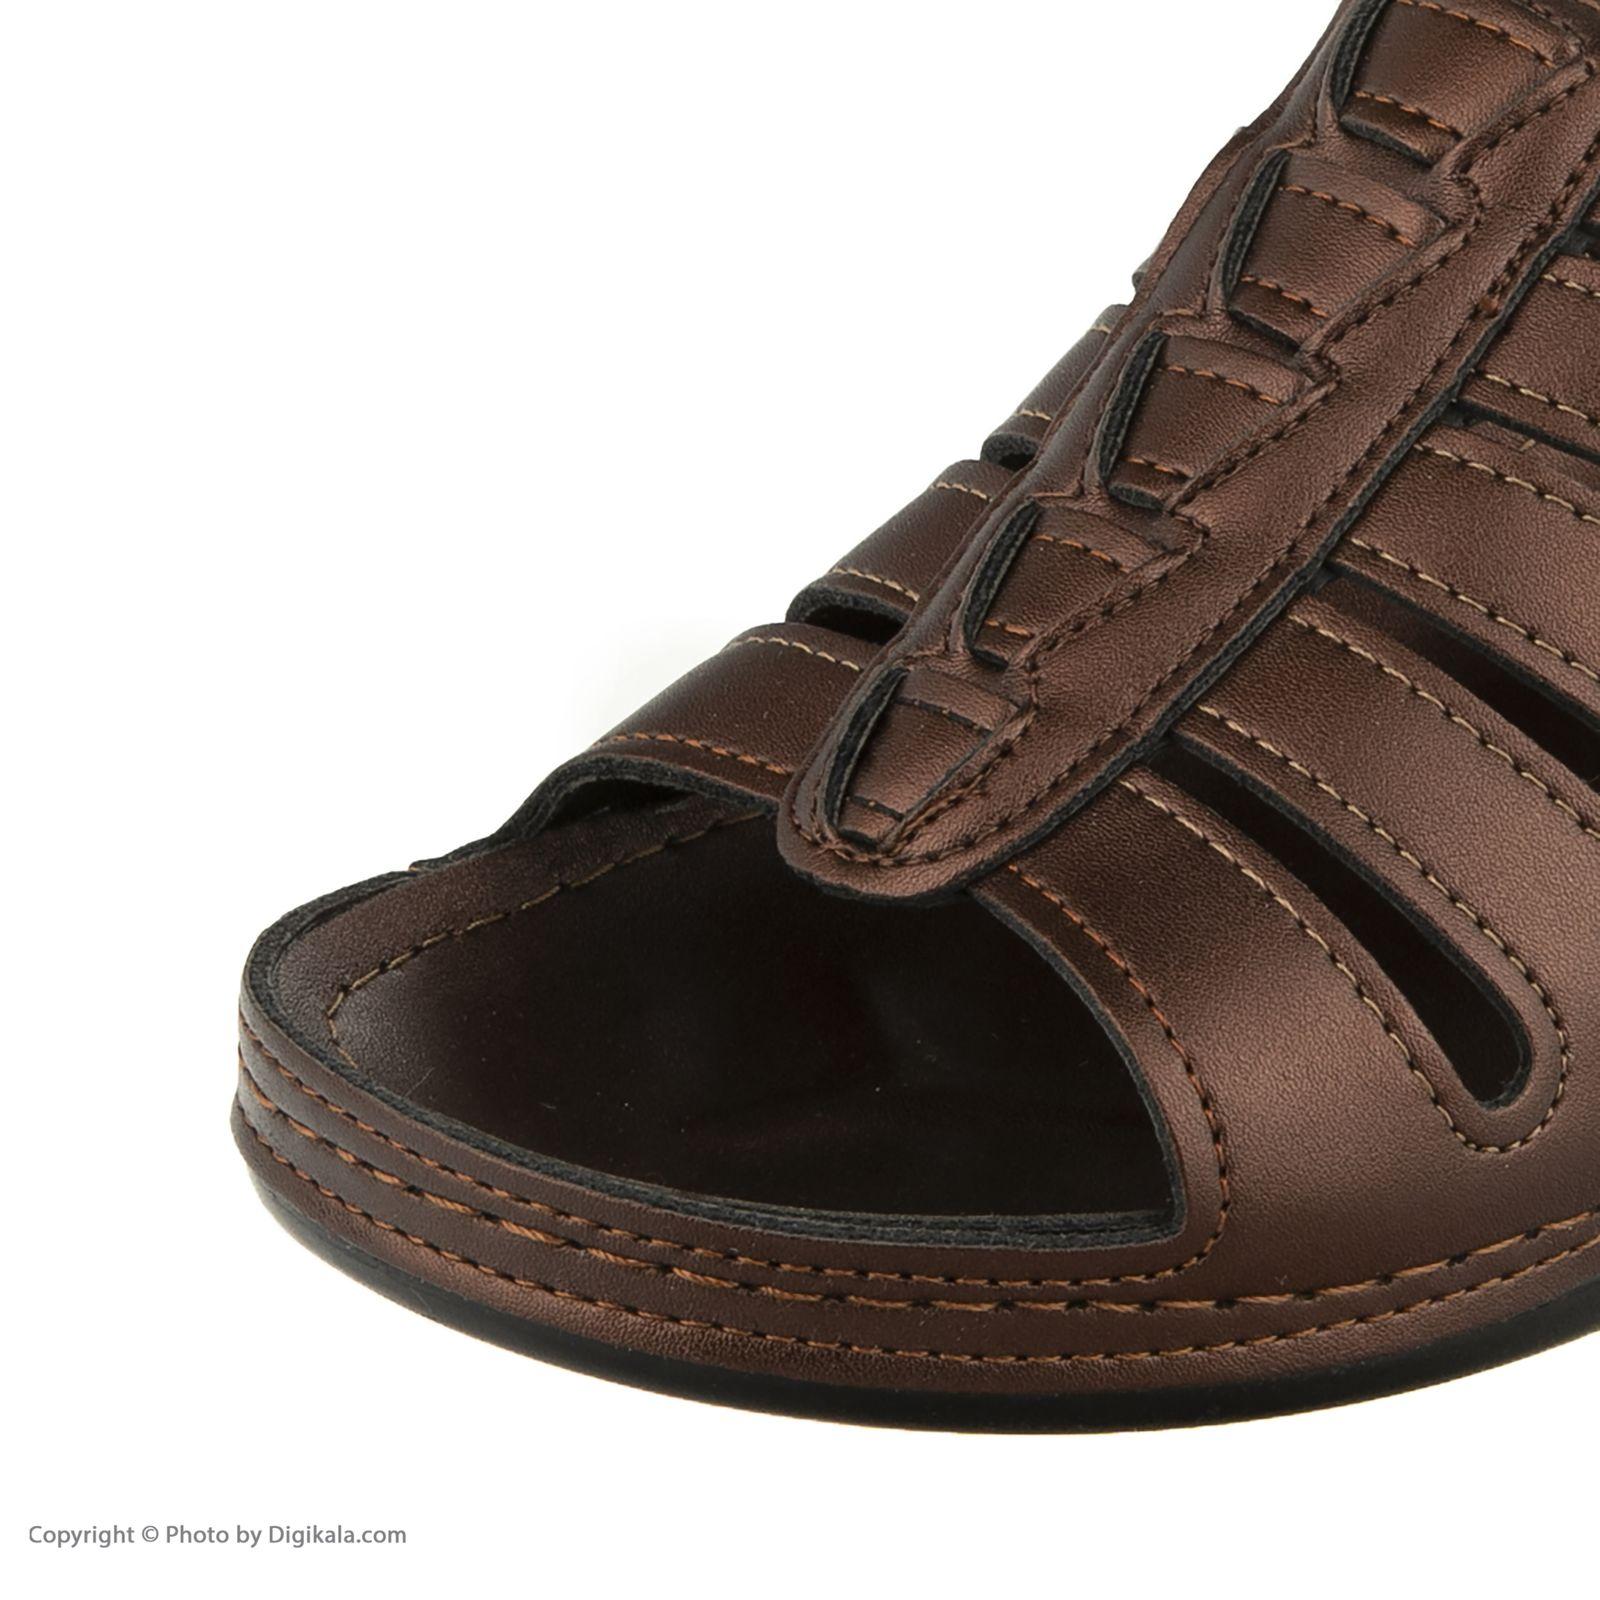 دمپایی زنانه کفش آویده کد av-0304212 رنگ مسی -  - 5